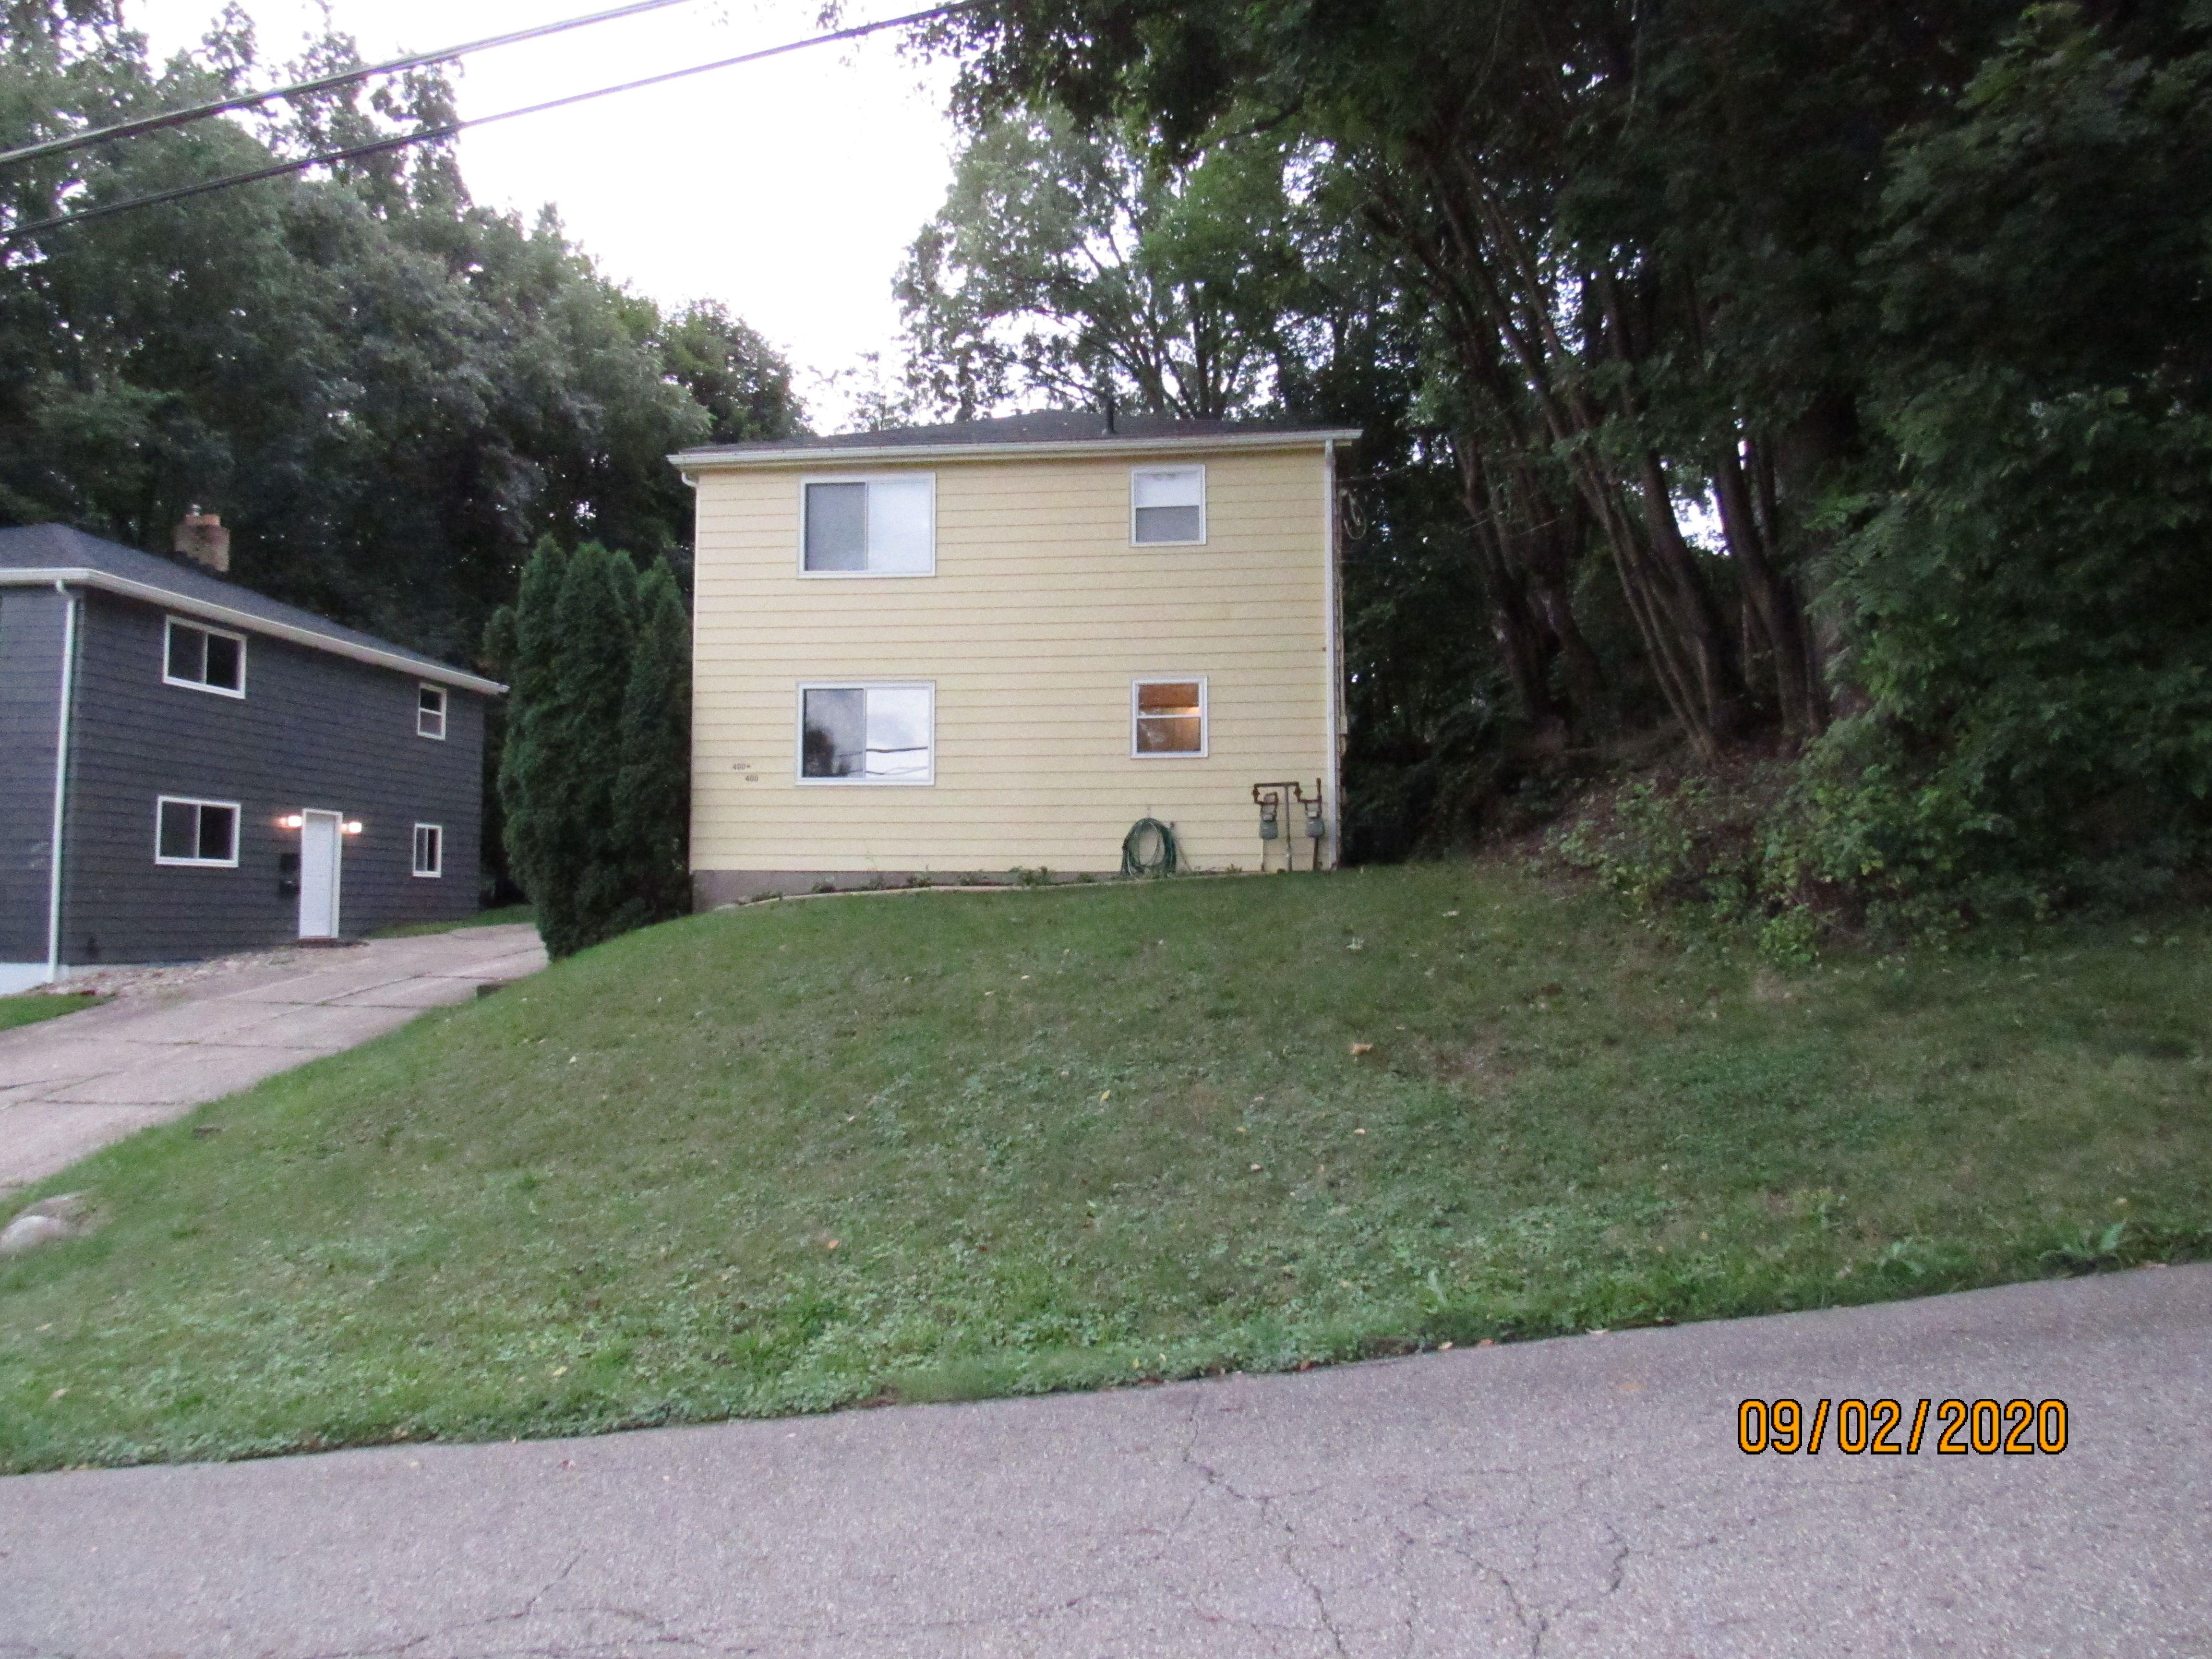 400 E Lake Ave (Image - 1)